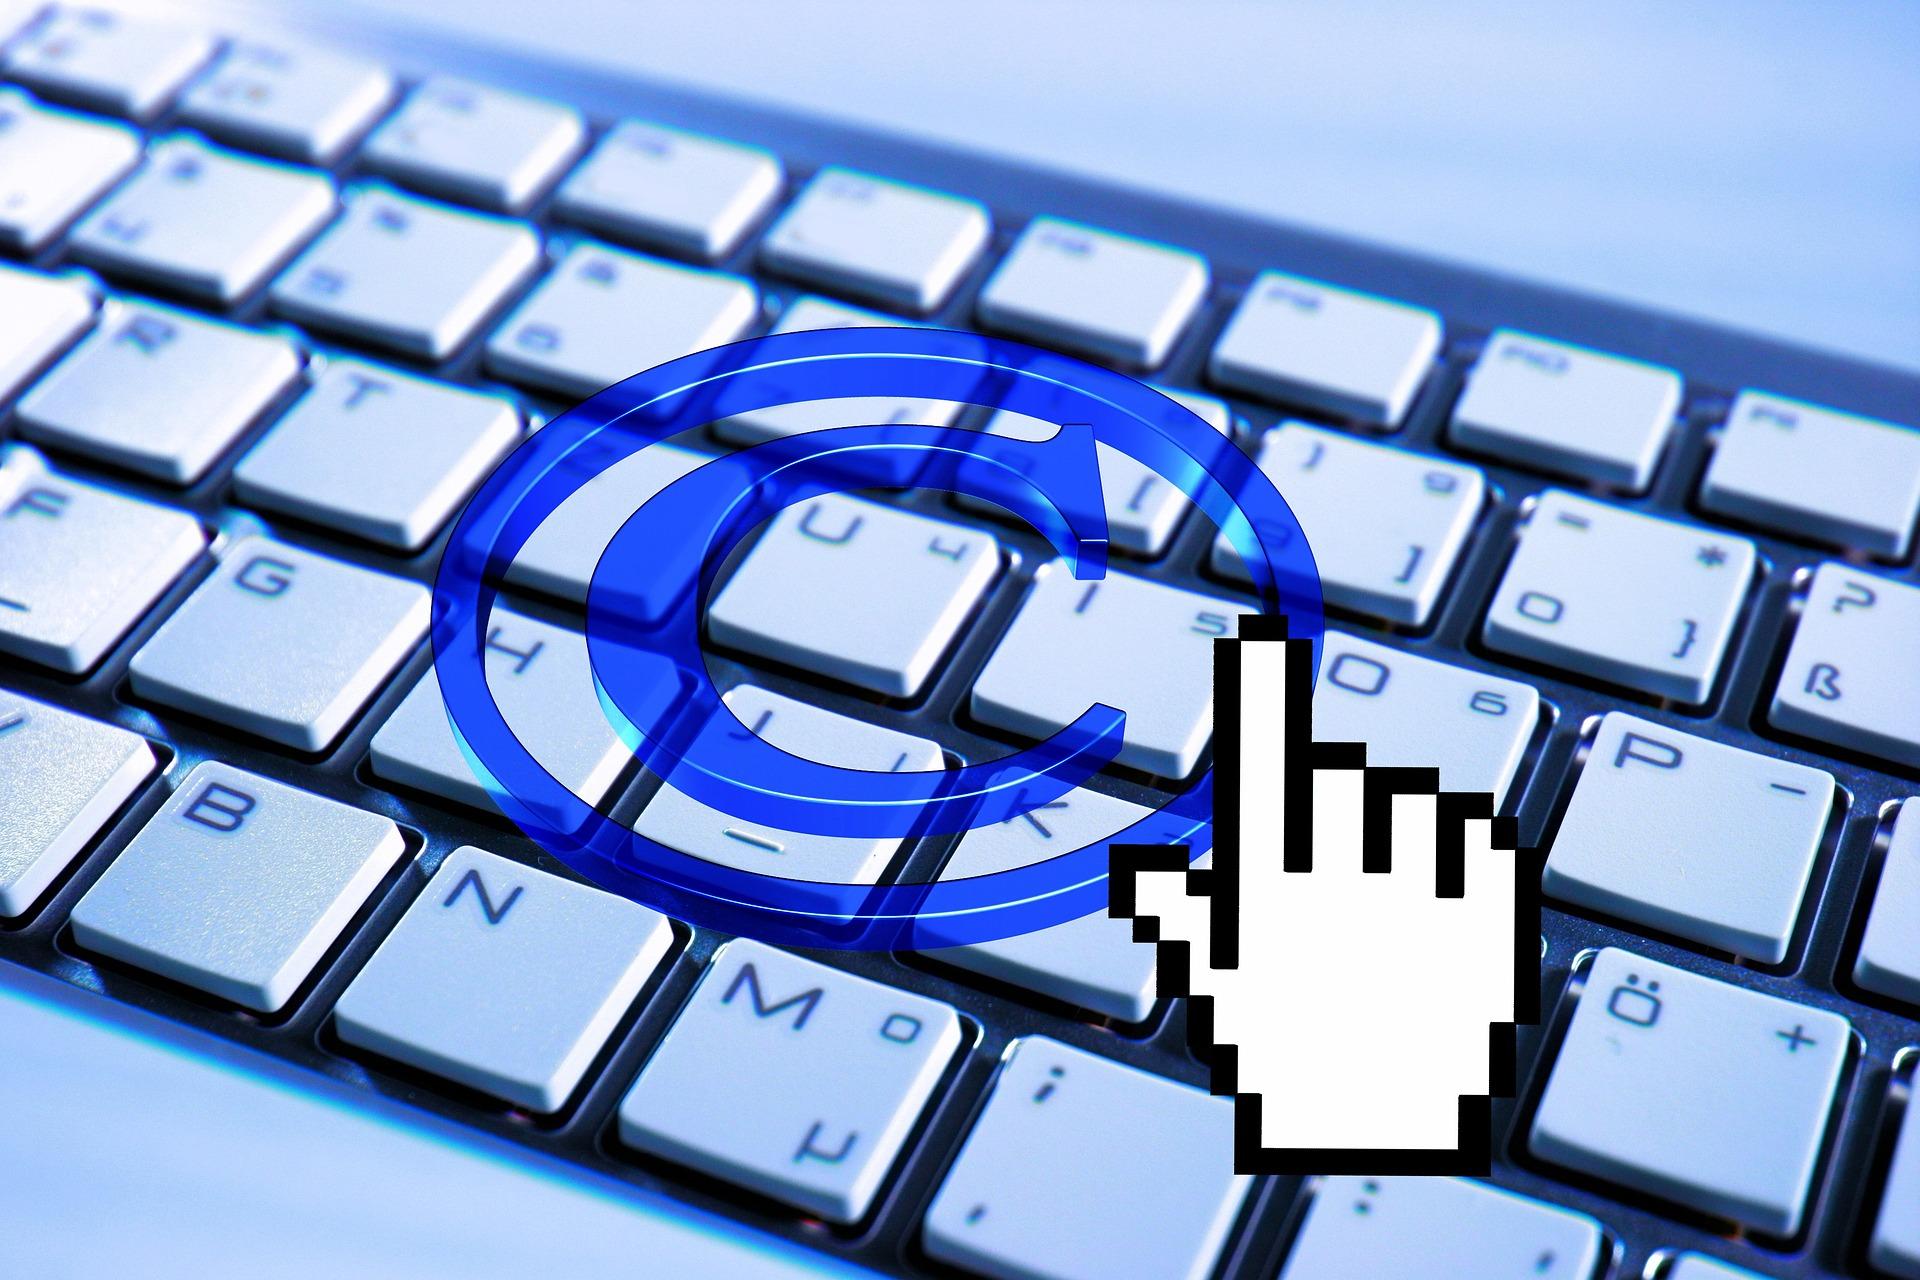 Deutsches Urheberrecht – Das gibt es zu beachten